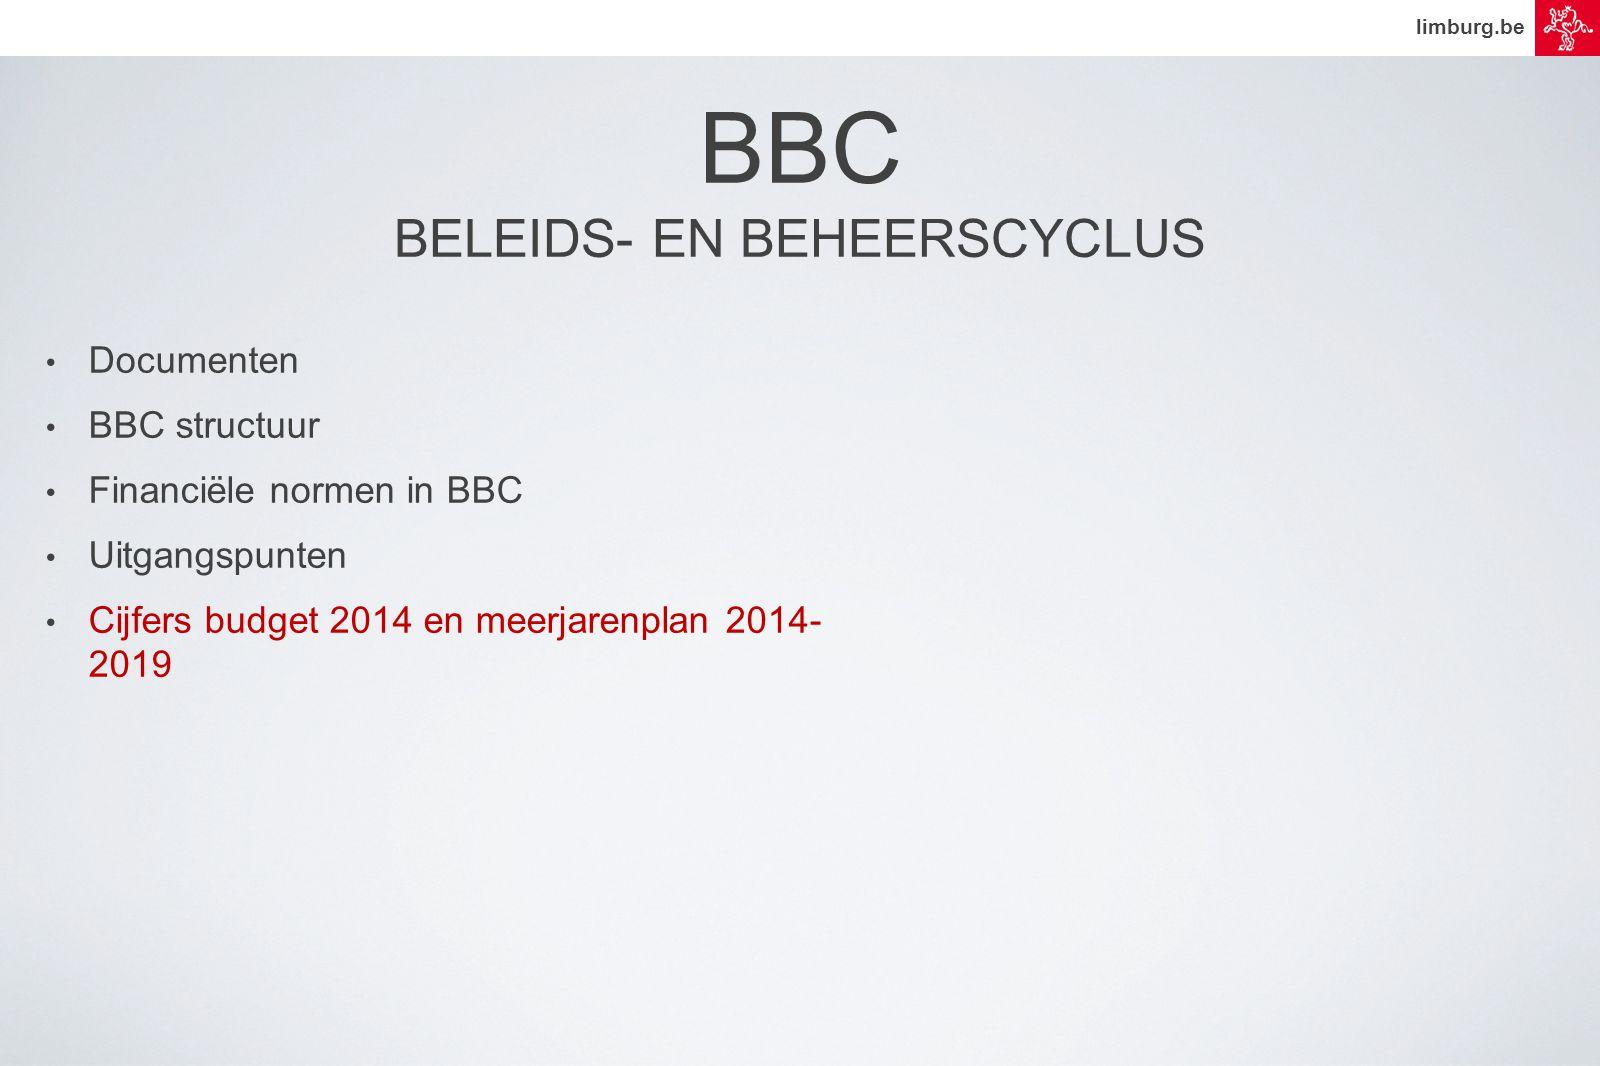 limburg.be • Documenten • BBC structuur • Financiële normen in BBC • Uitgangspunten • Cijfers budget 2014 en meerjarenplan 2014- 2019 BBC BELEIDS- EN BEHEERSCYCLUS